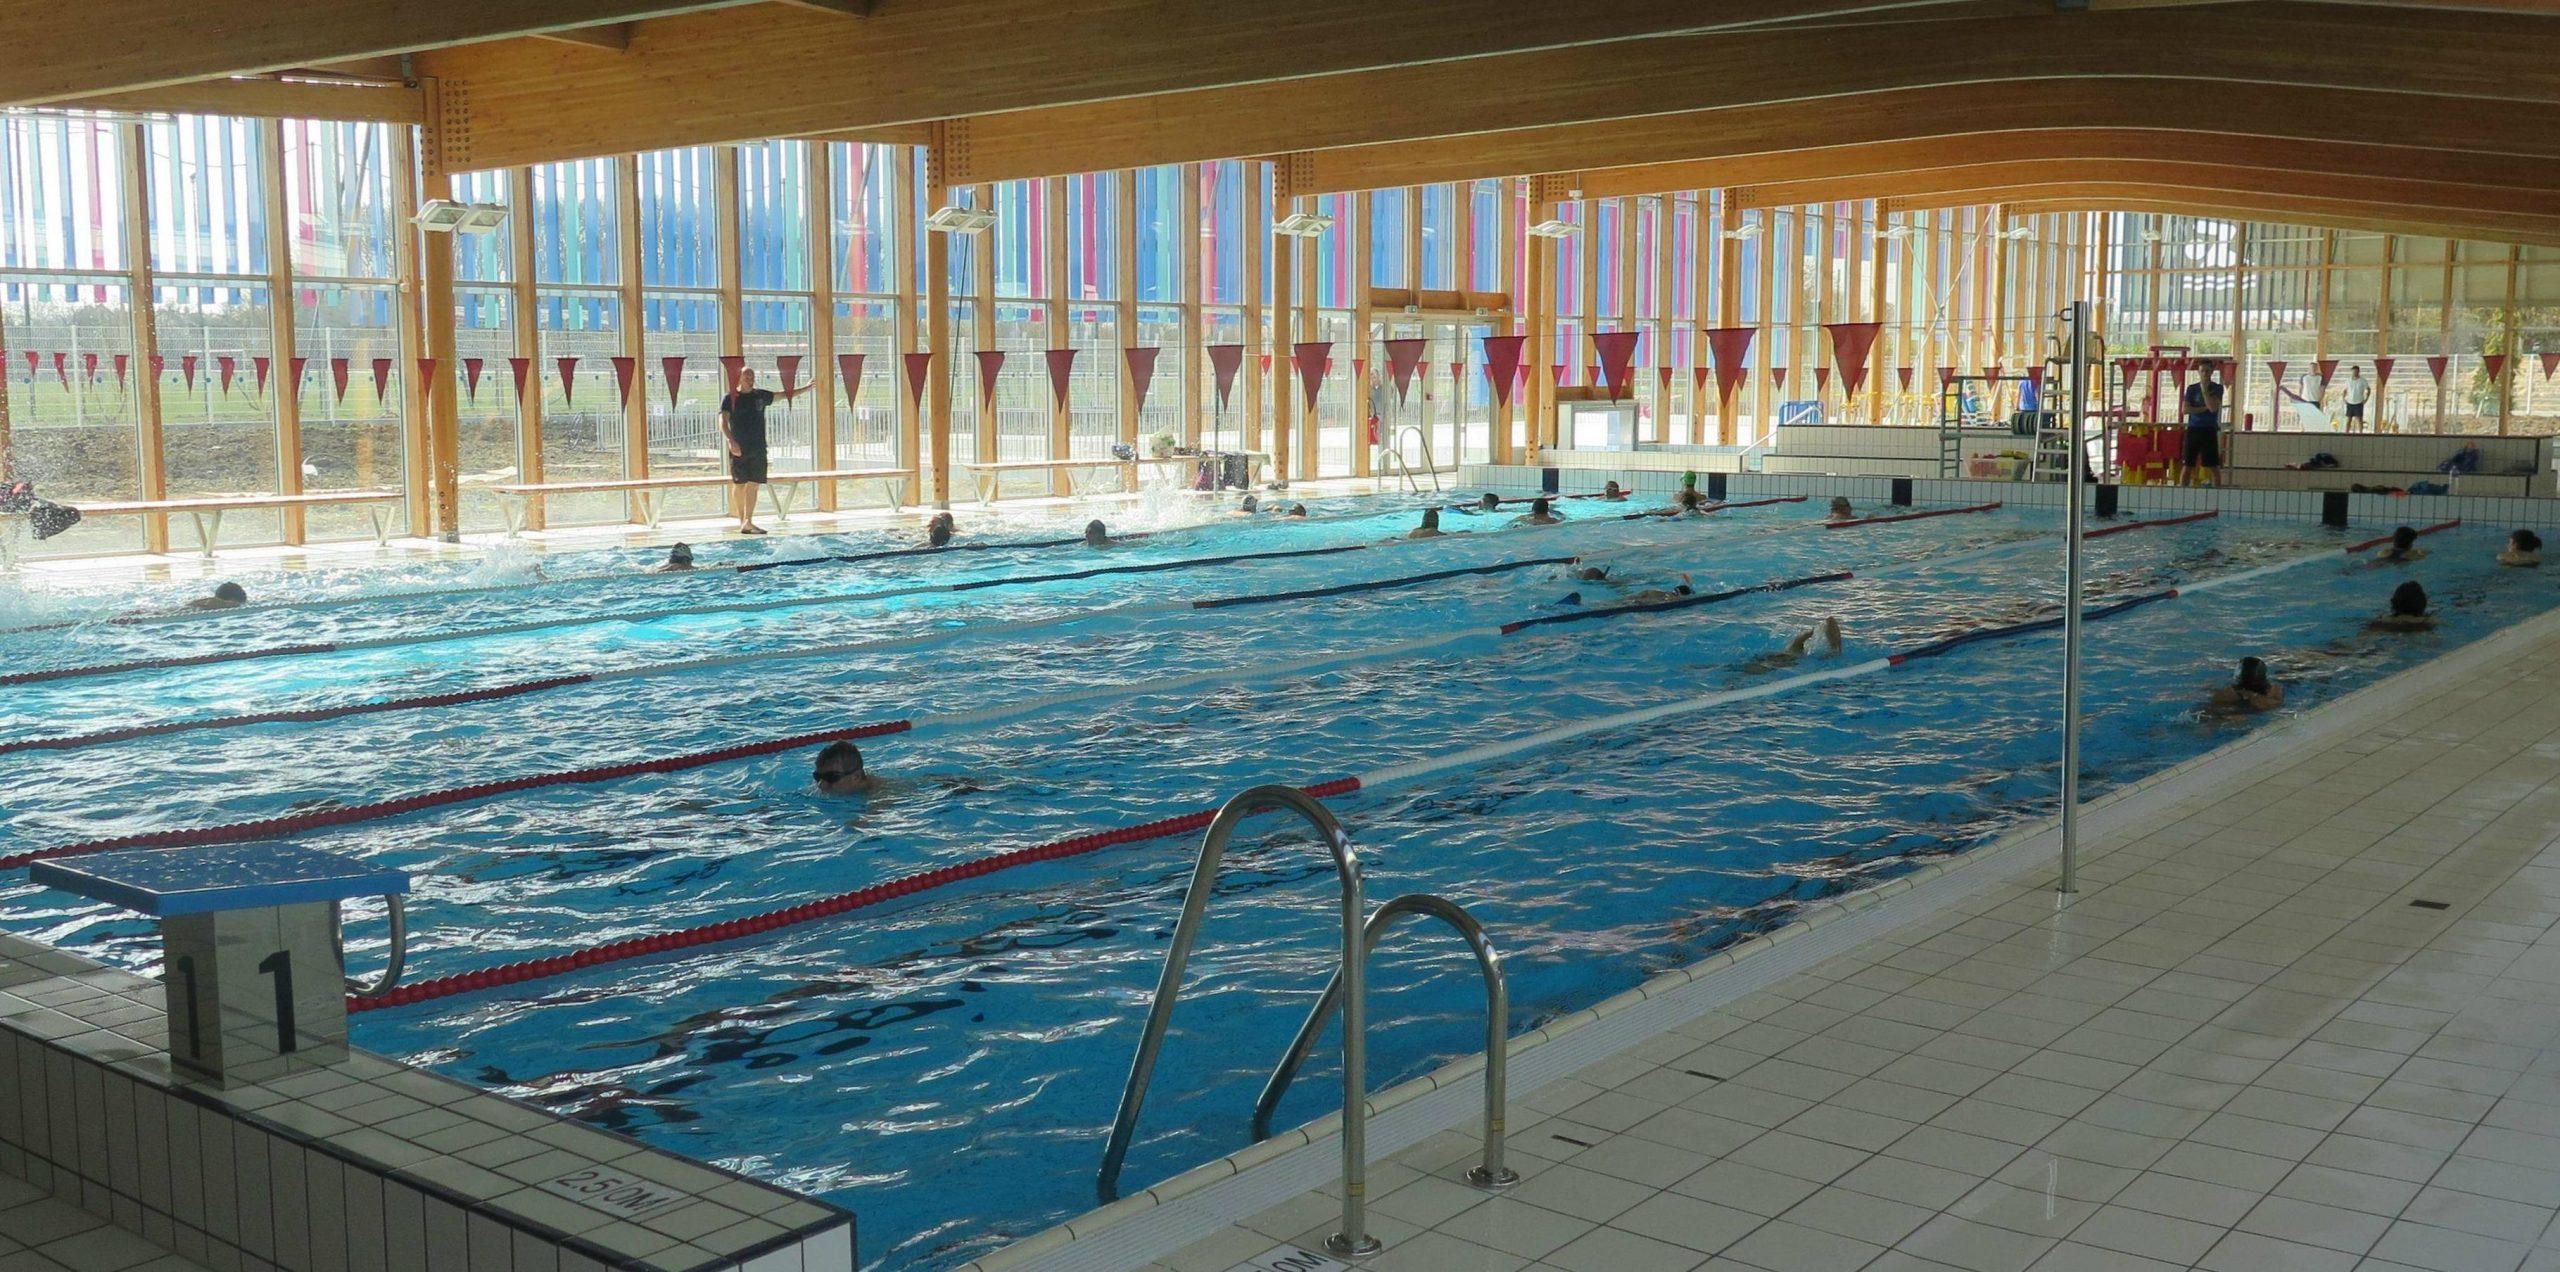 Crise Sanitaire Du Covid-19 : Le Point Sur Les Lieux Publics ... encequiconcerne Piscine Tournesol Blois